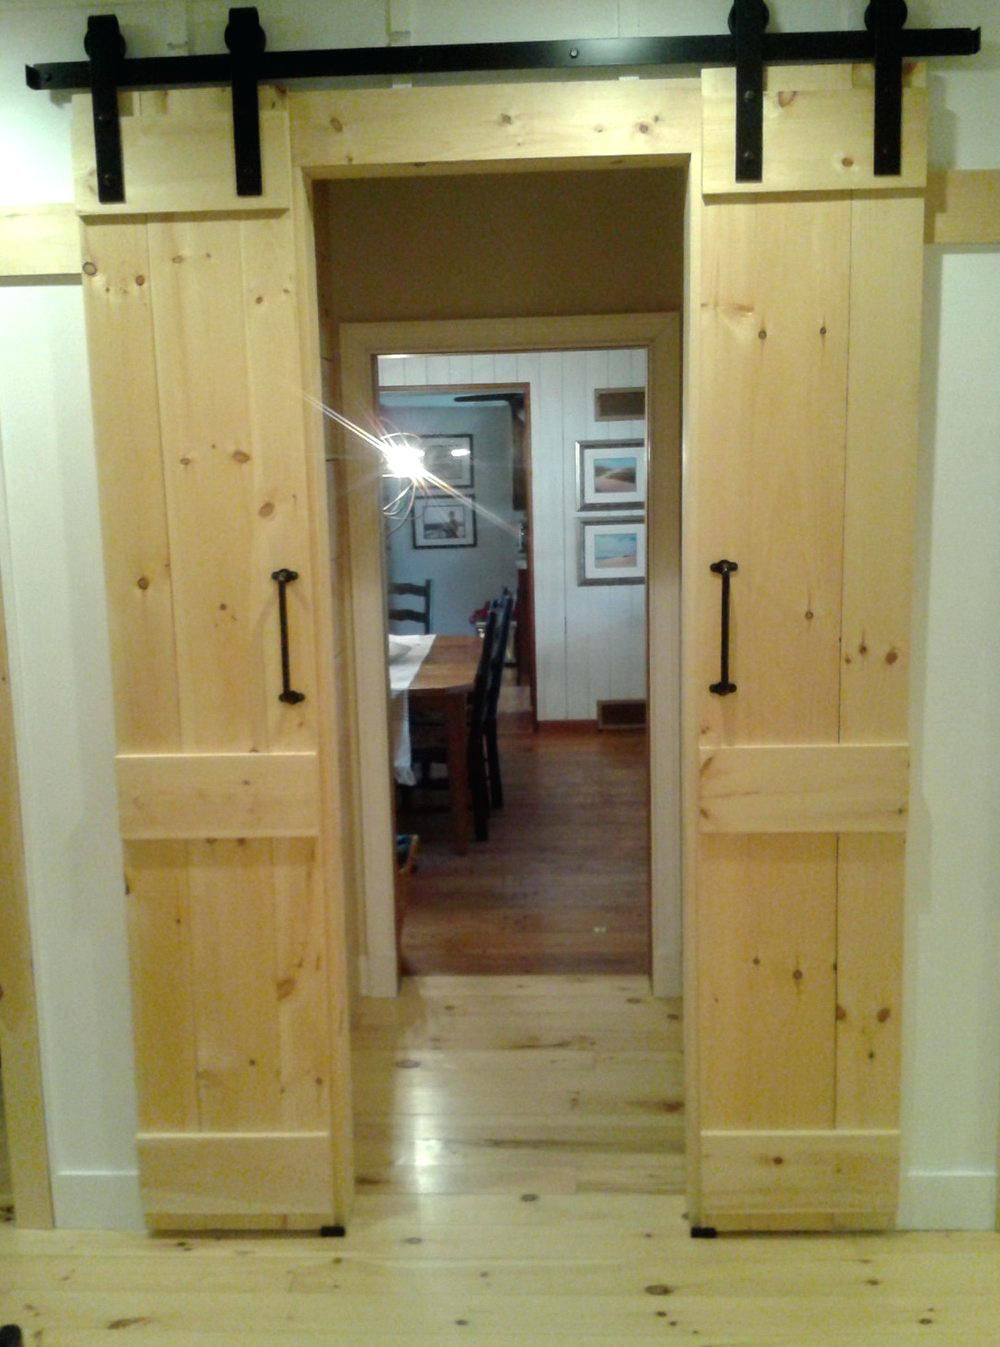 Closet Closet Barn Doors Double Closet Barn Doors Home Design Ideas Double Barn Door For Closet Doub Sliding Doors Interior Barn Doors Sliding Barn Door Closet